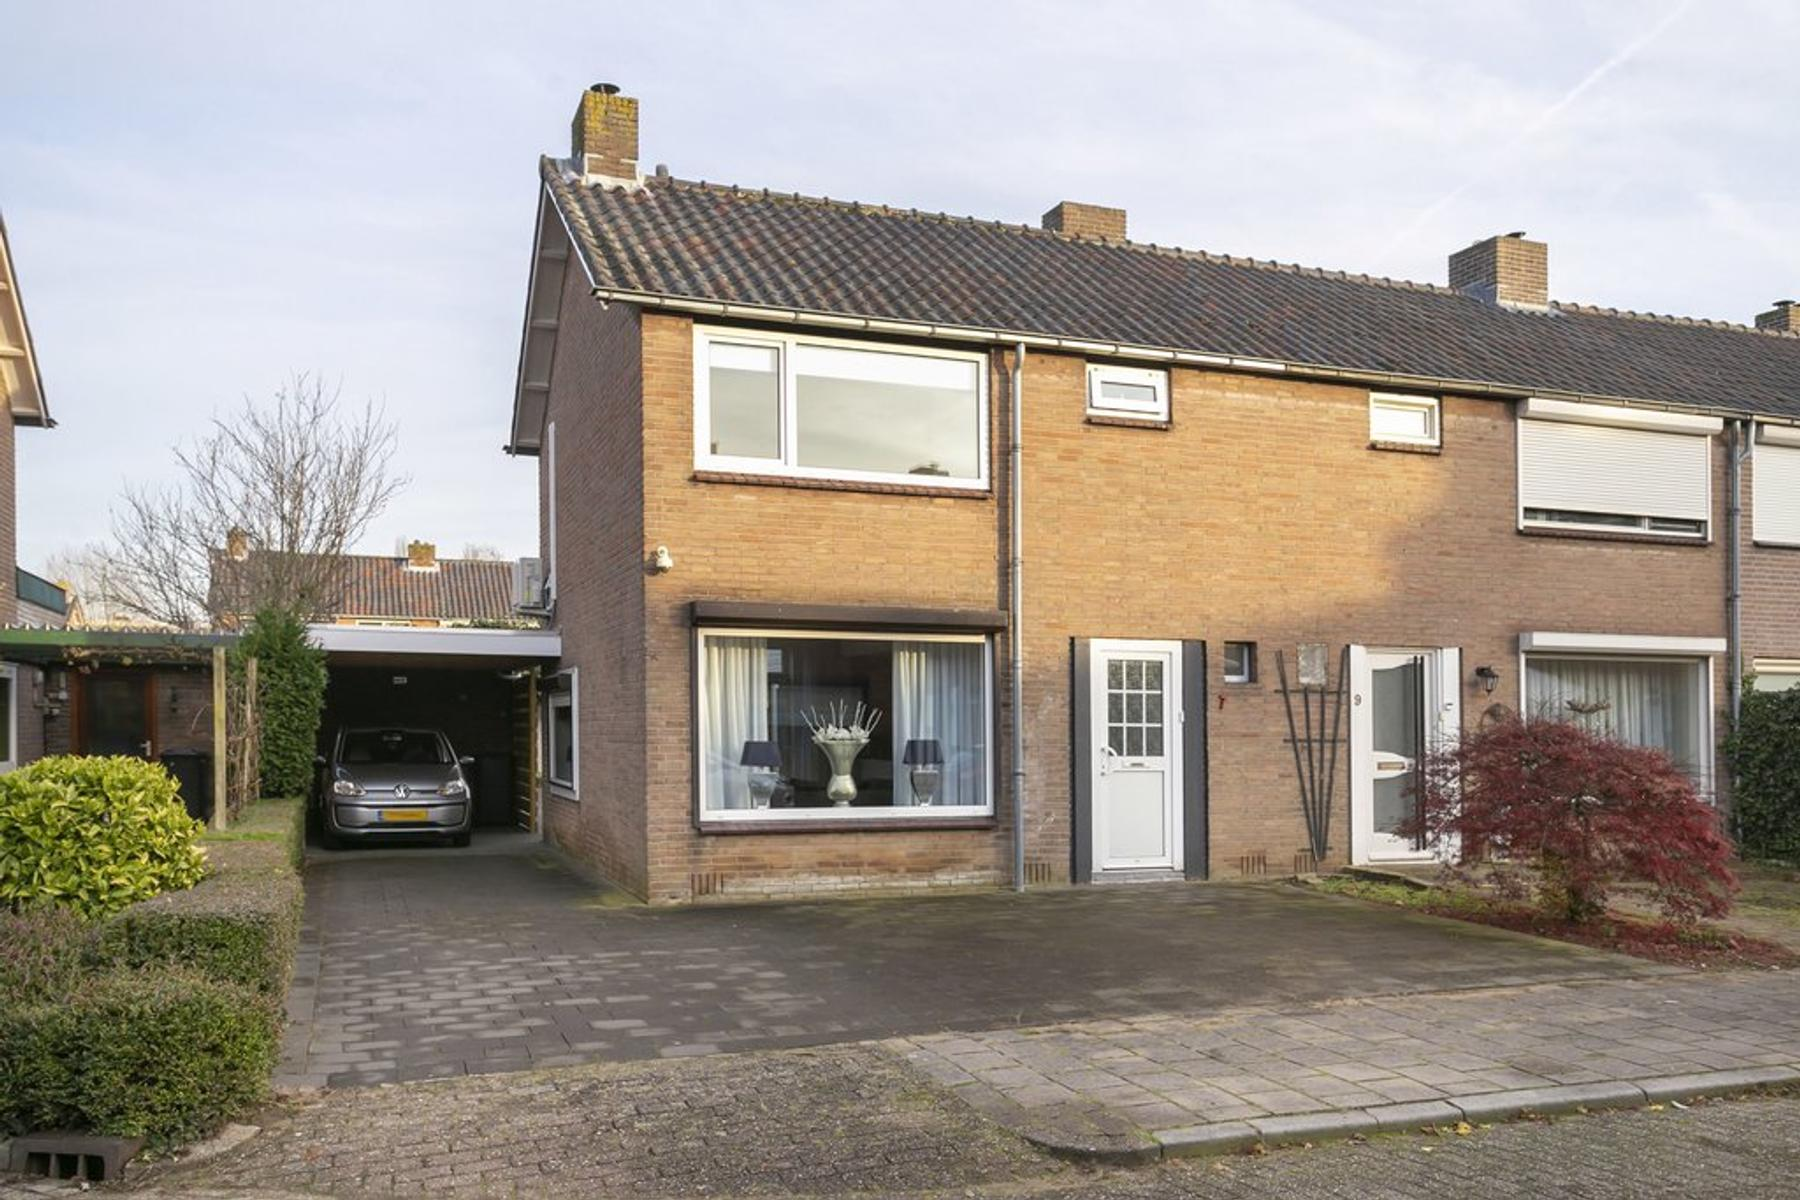 Tjerk Hiddesstraat 7 in Zutphen 7204 GD